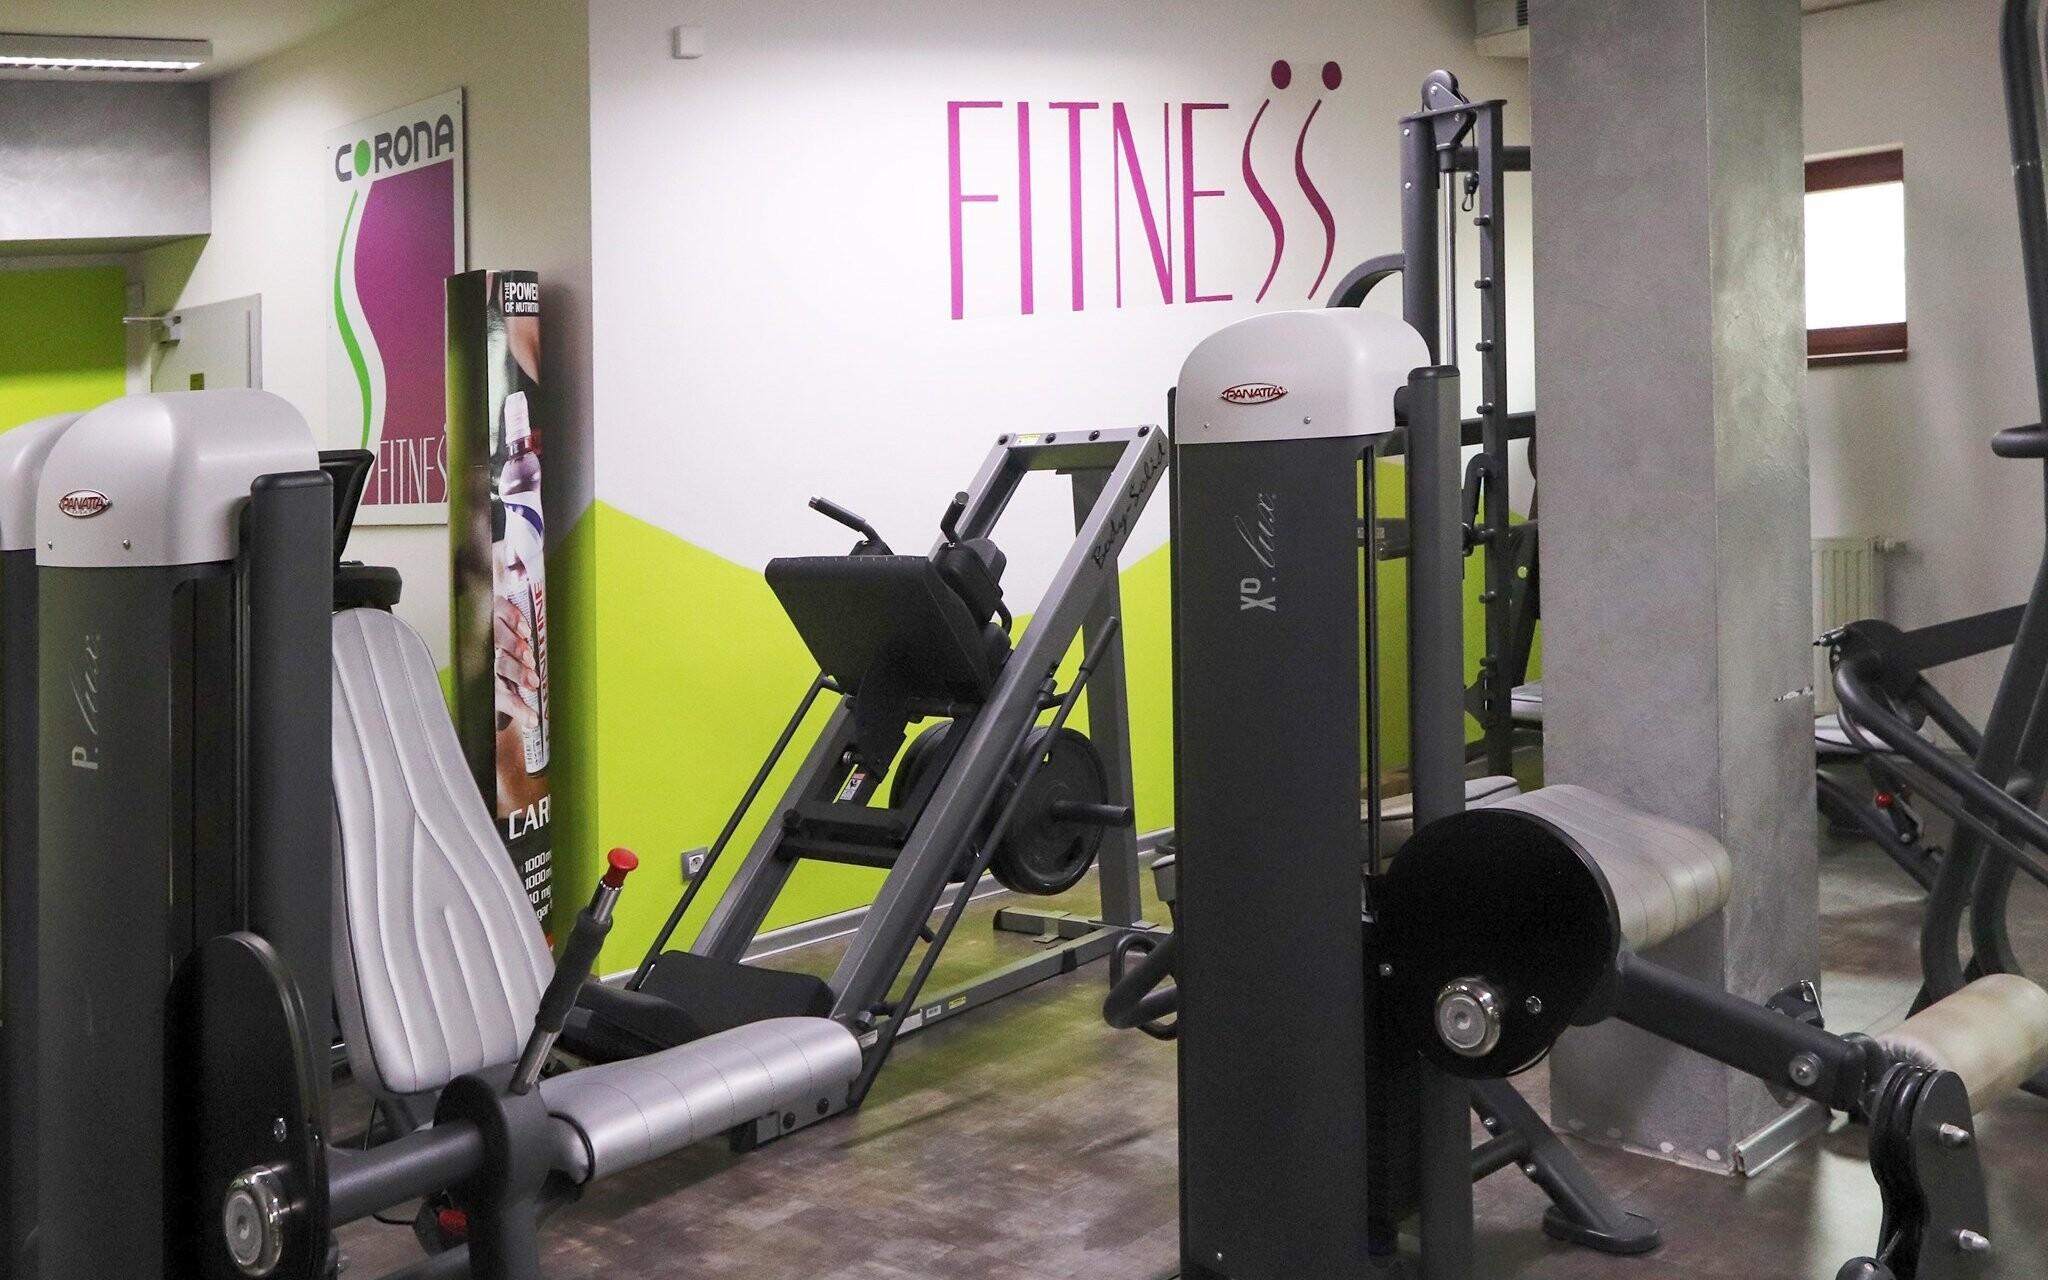 Fitness centrum, posilovna, Hotel Corona, jižní Čechy